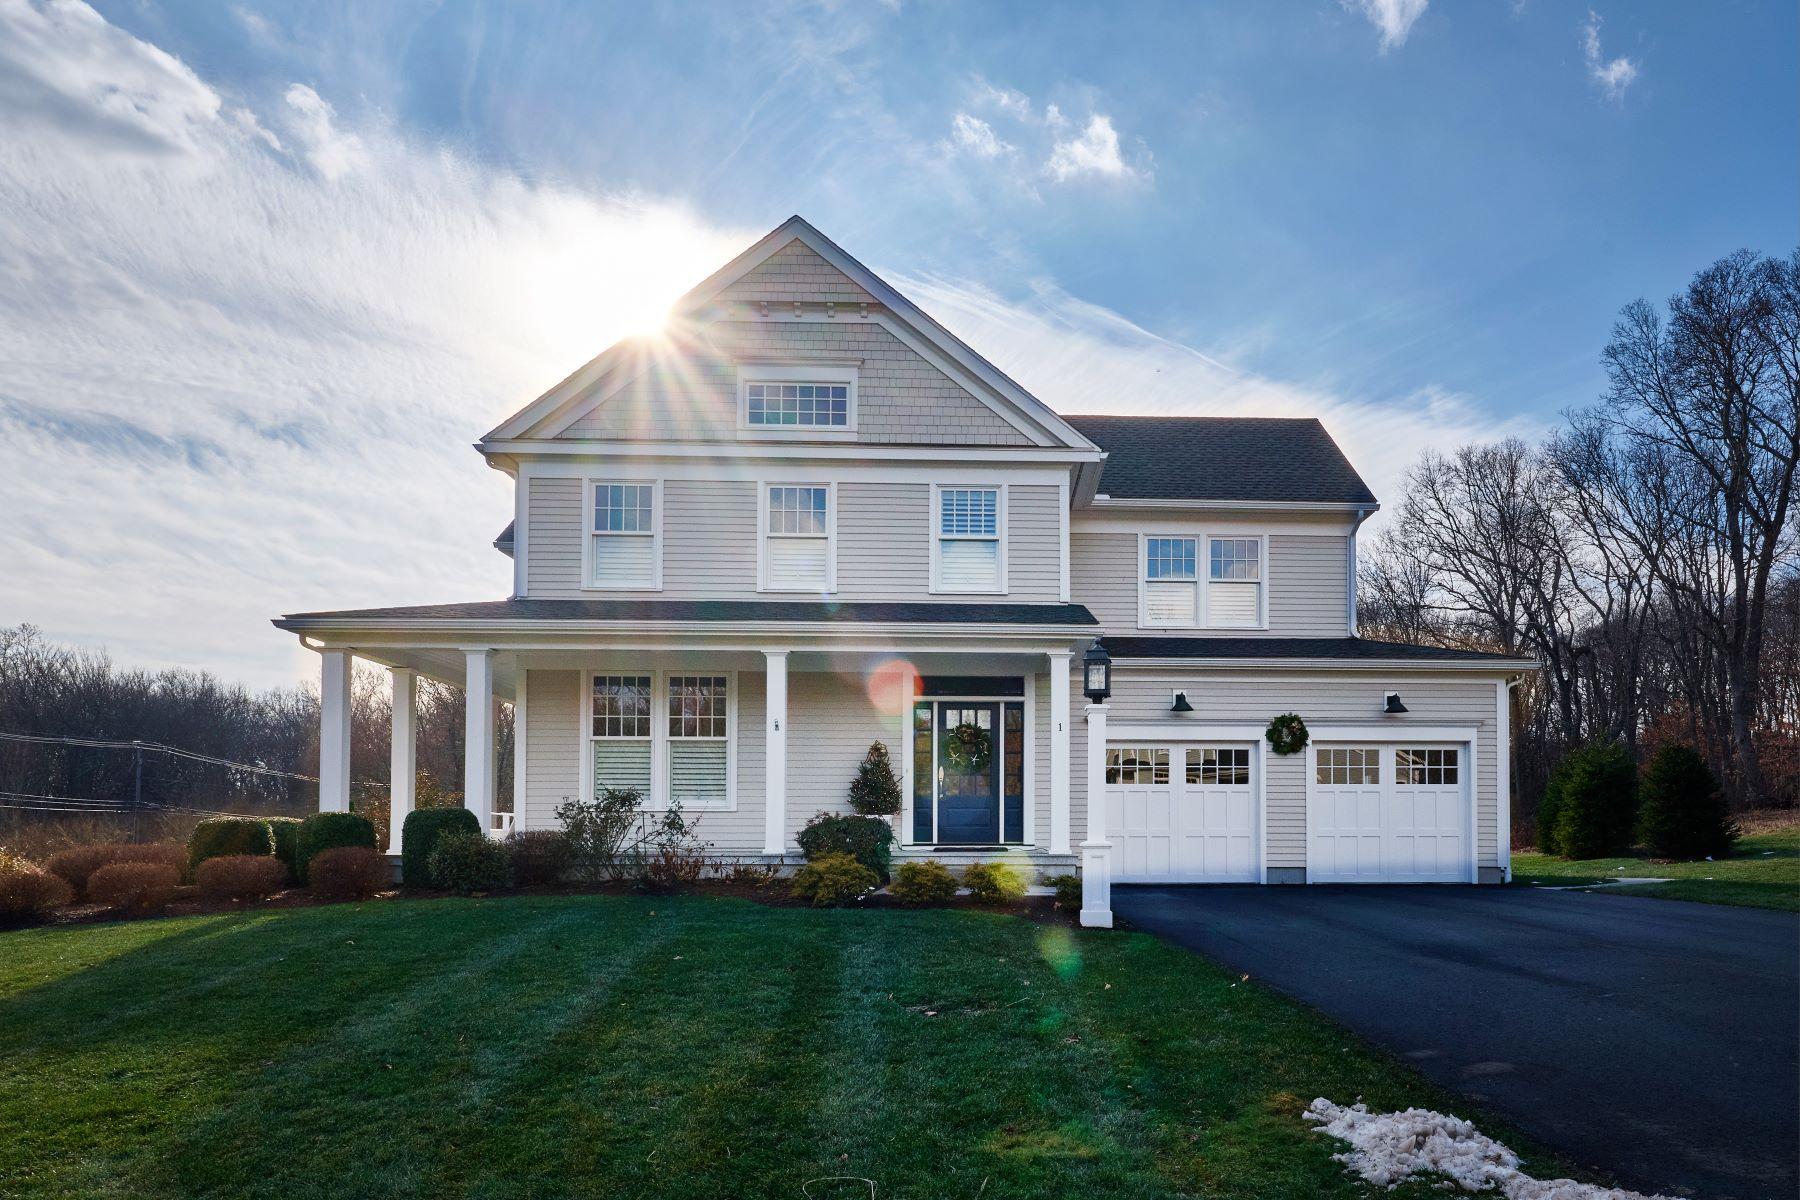 共管式独立产权公寓 为 销售 在 3 Benton's Knoll 3 Benton's Knoll 吉尔福德, 康涅狄格州 06437 美国